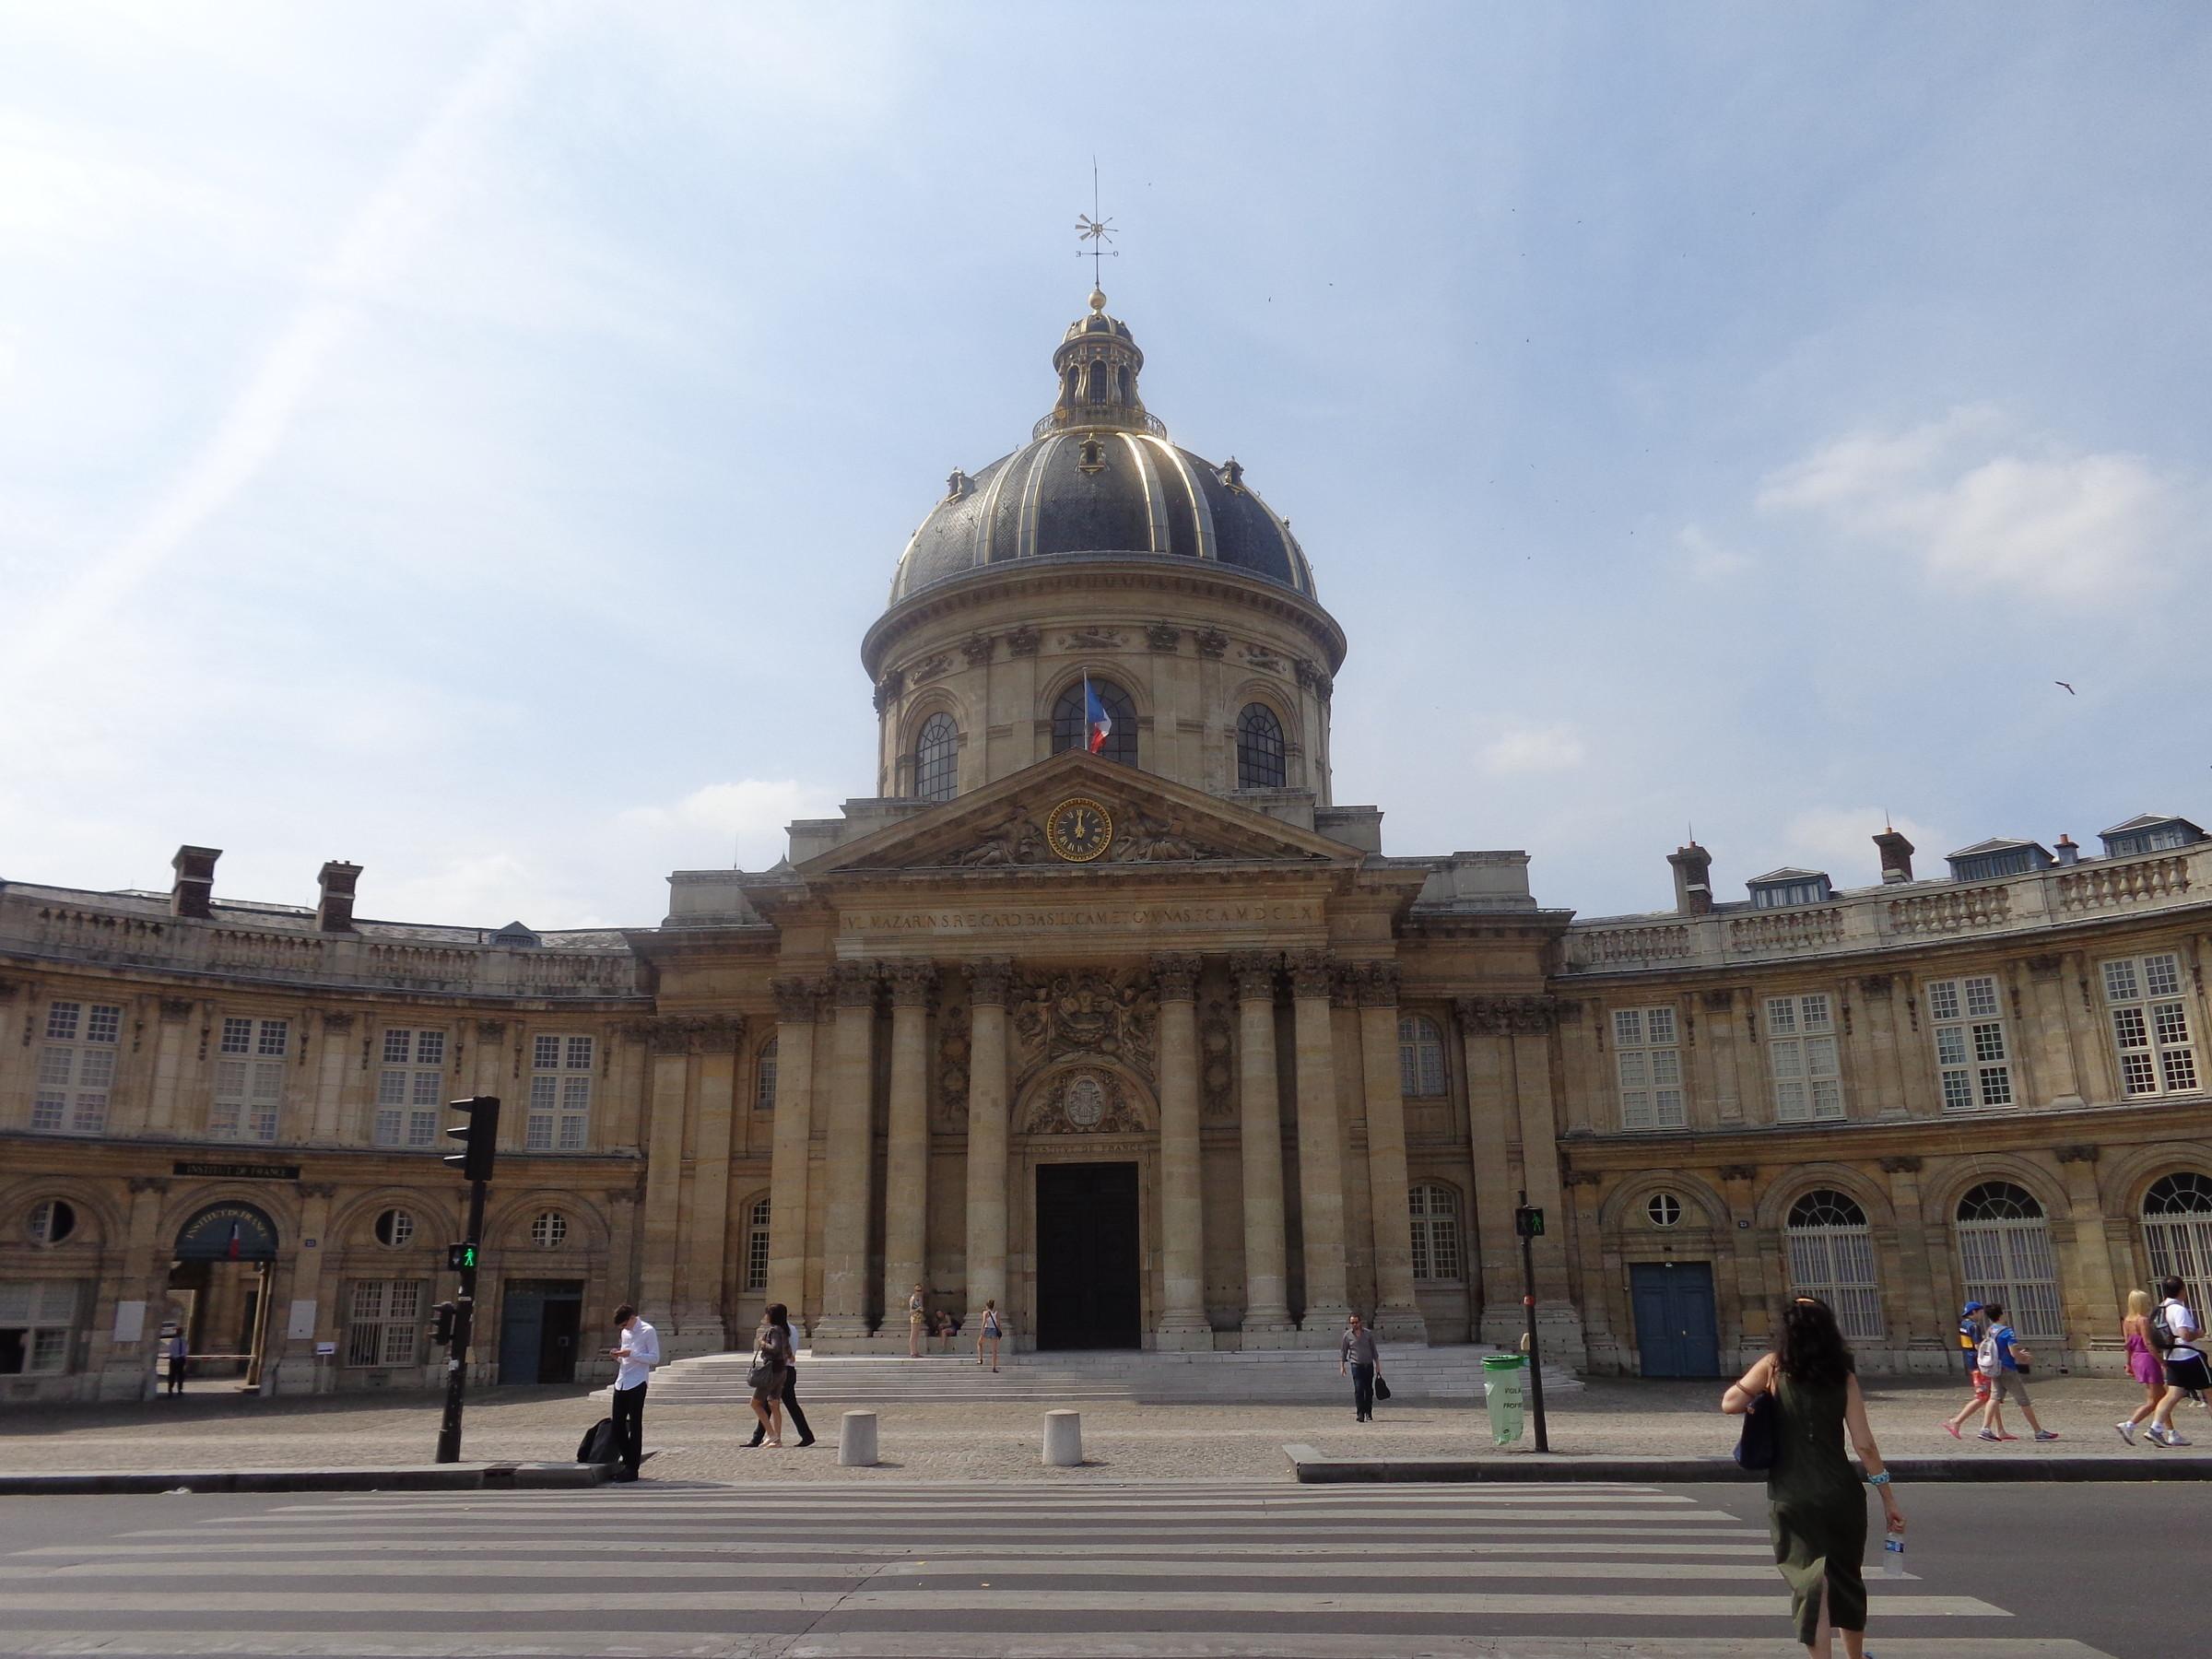 Институт Франции, здание было построено в 1665 году, как посмертный дар кардинала Мазарини. Буквально за три дня перед смертью в 1661 году, он завещал 2 млн франков на строительство колледжа на 60 студентов., Париж